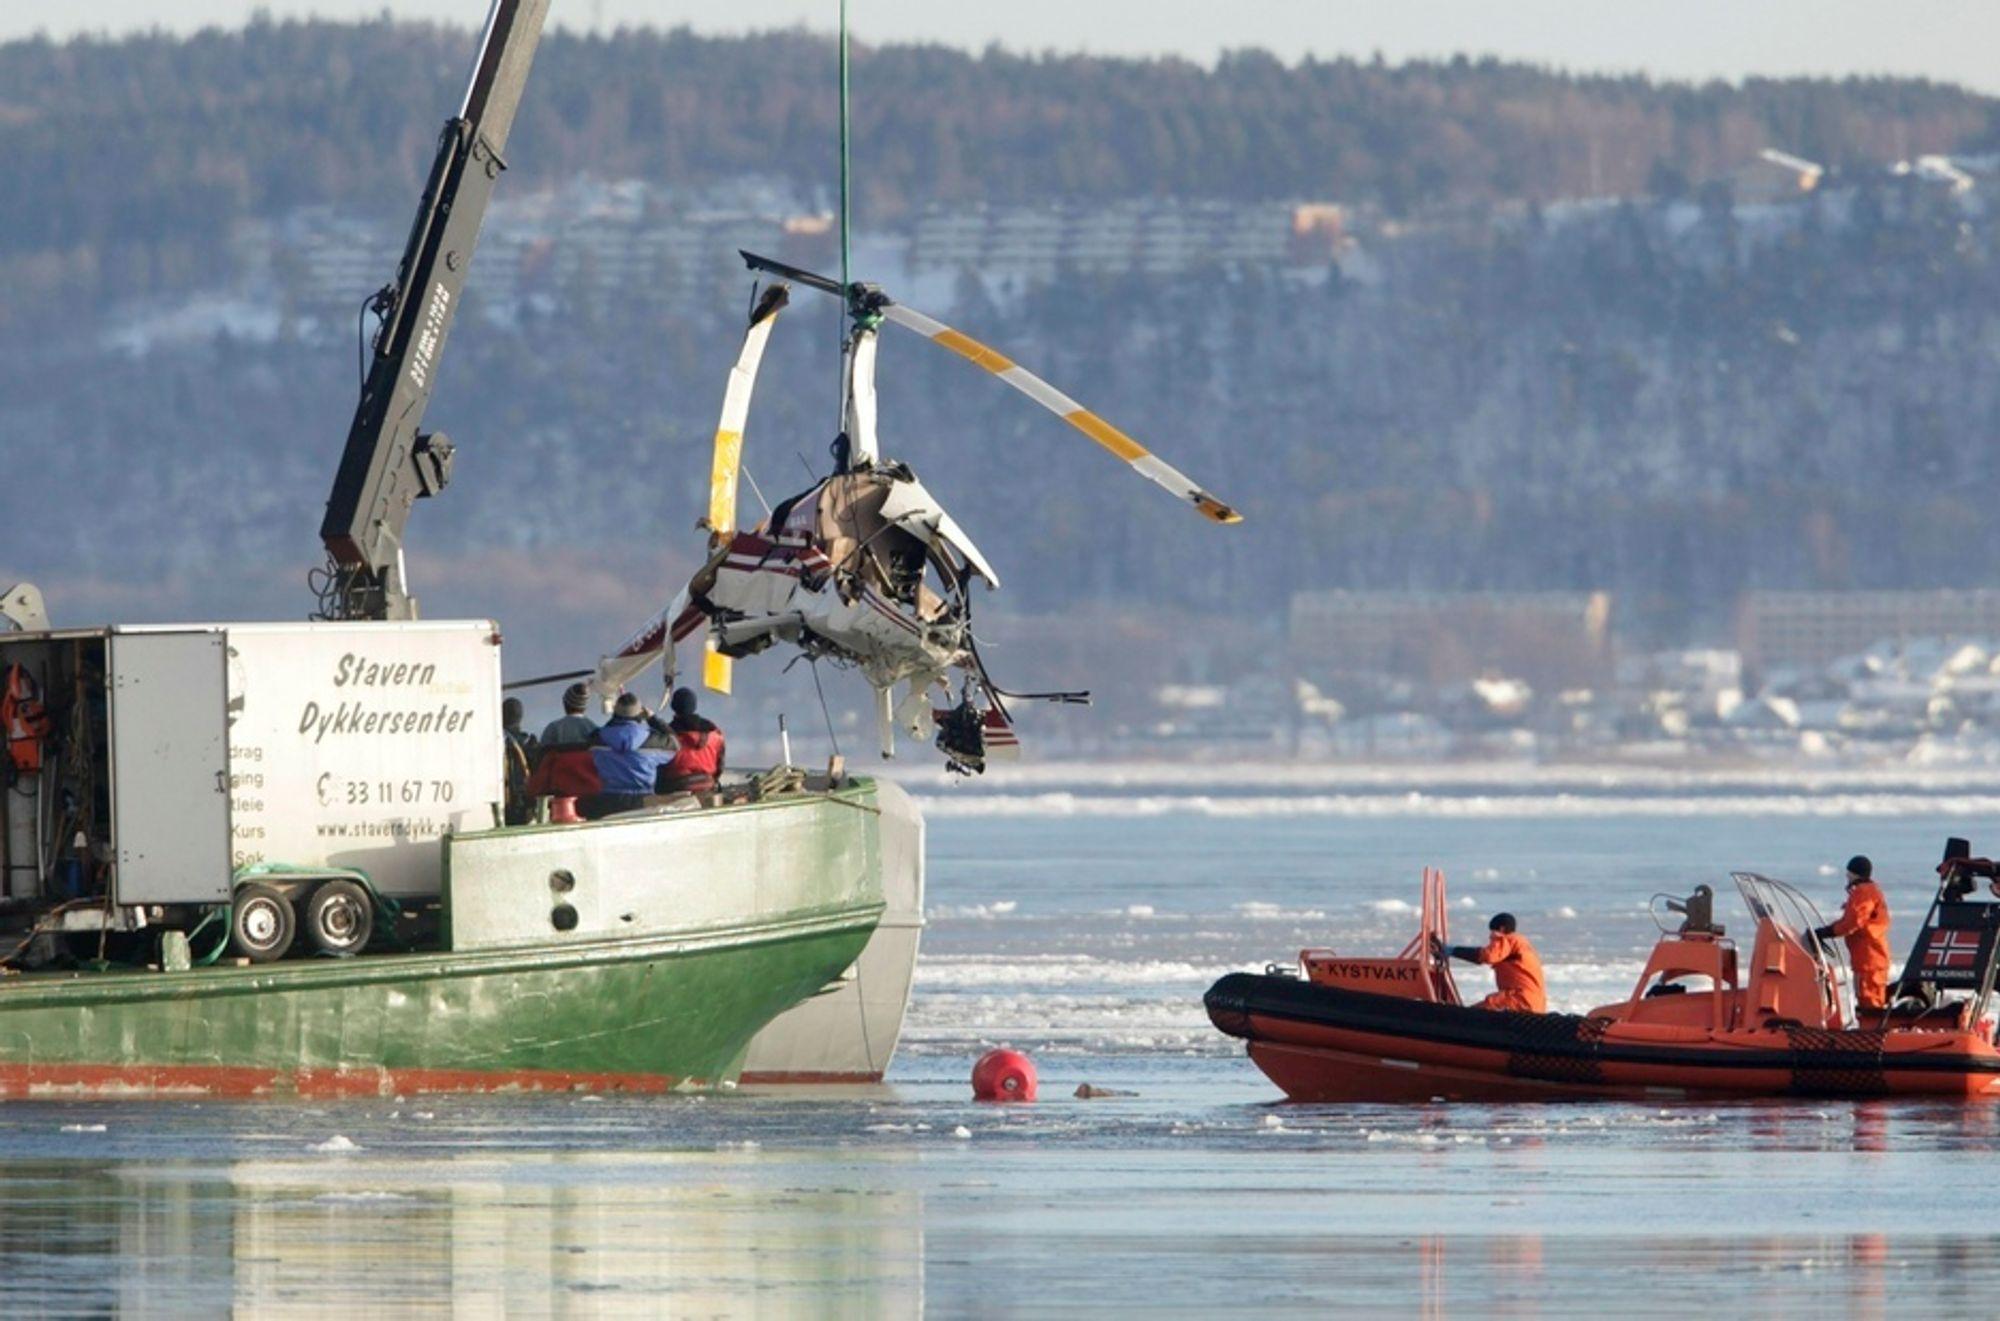 Alle fire om bord omkom da dette R44-helikopteret havarerte i havnebassenget i Horten i 2010.